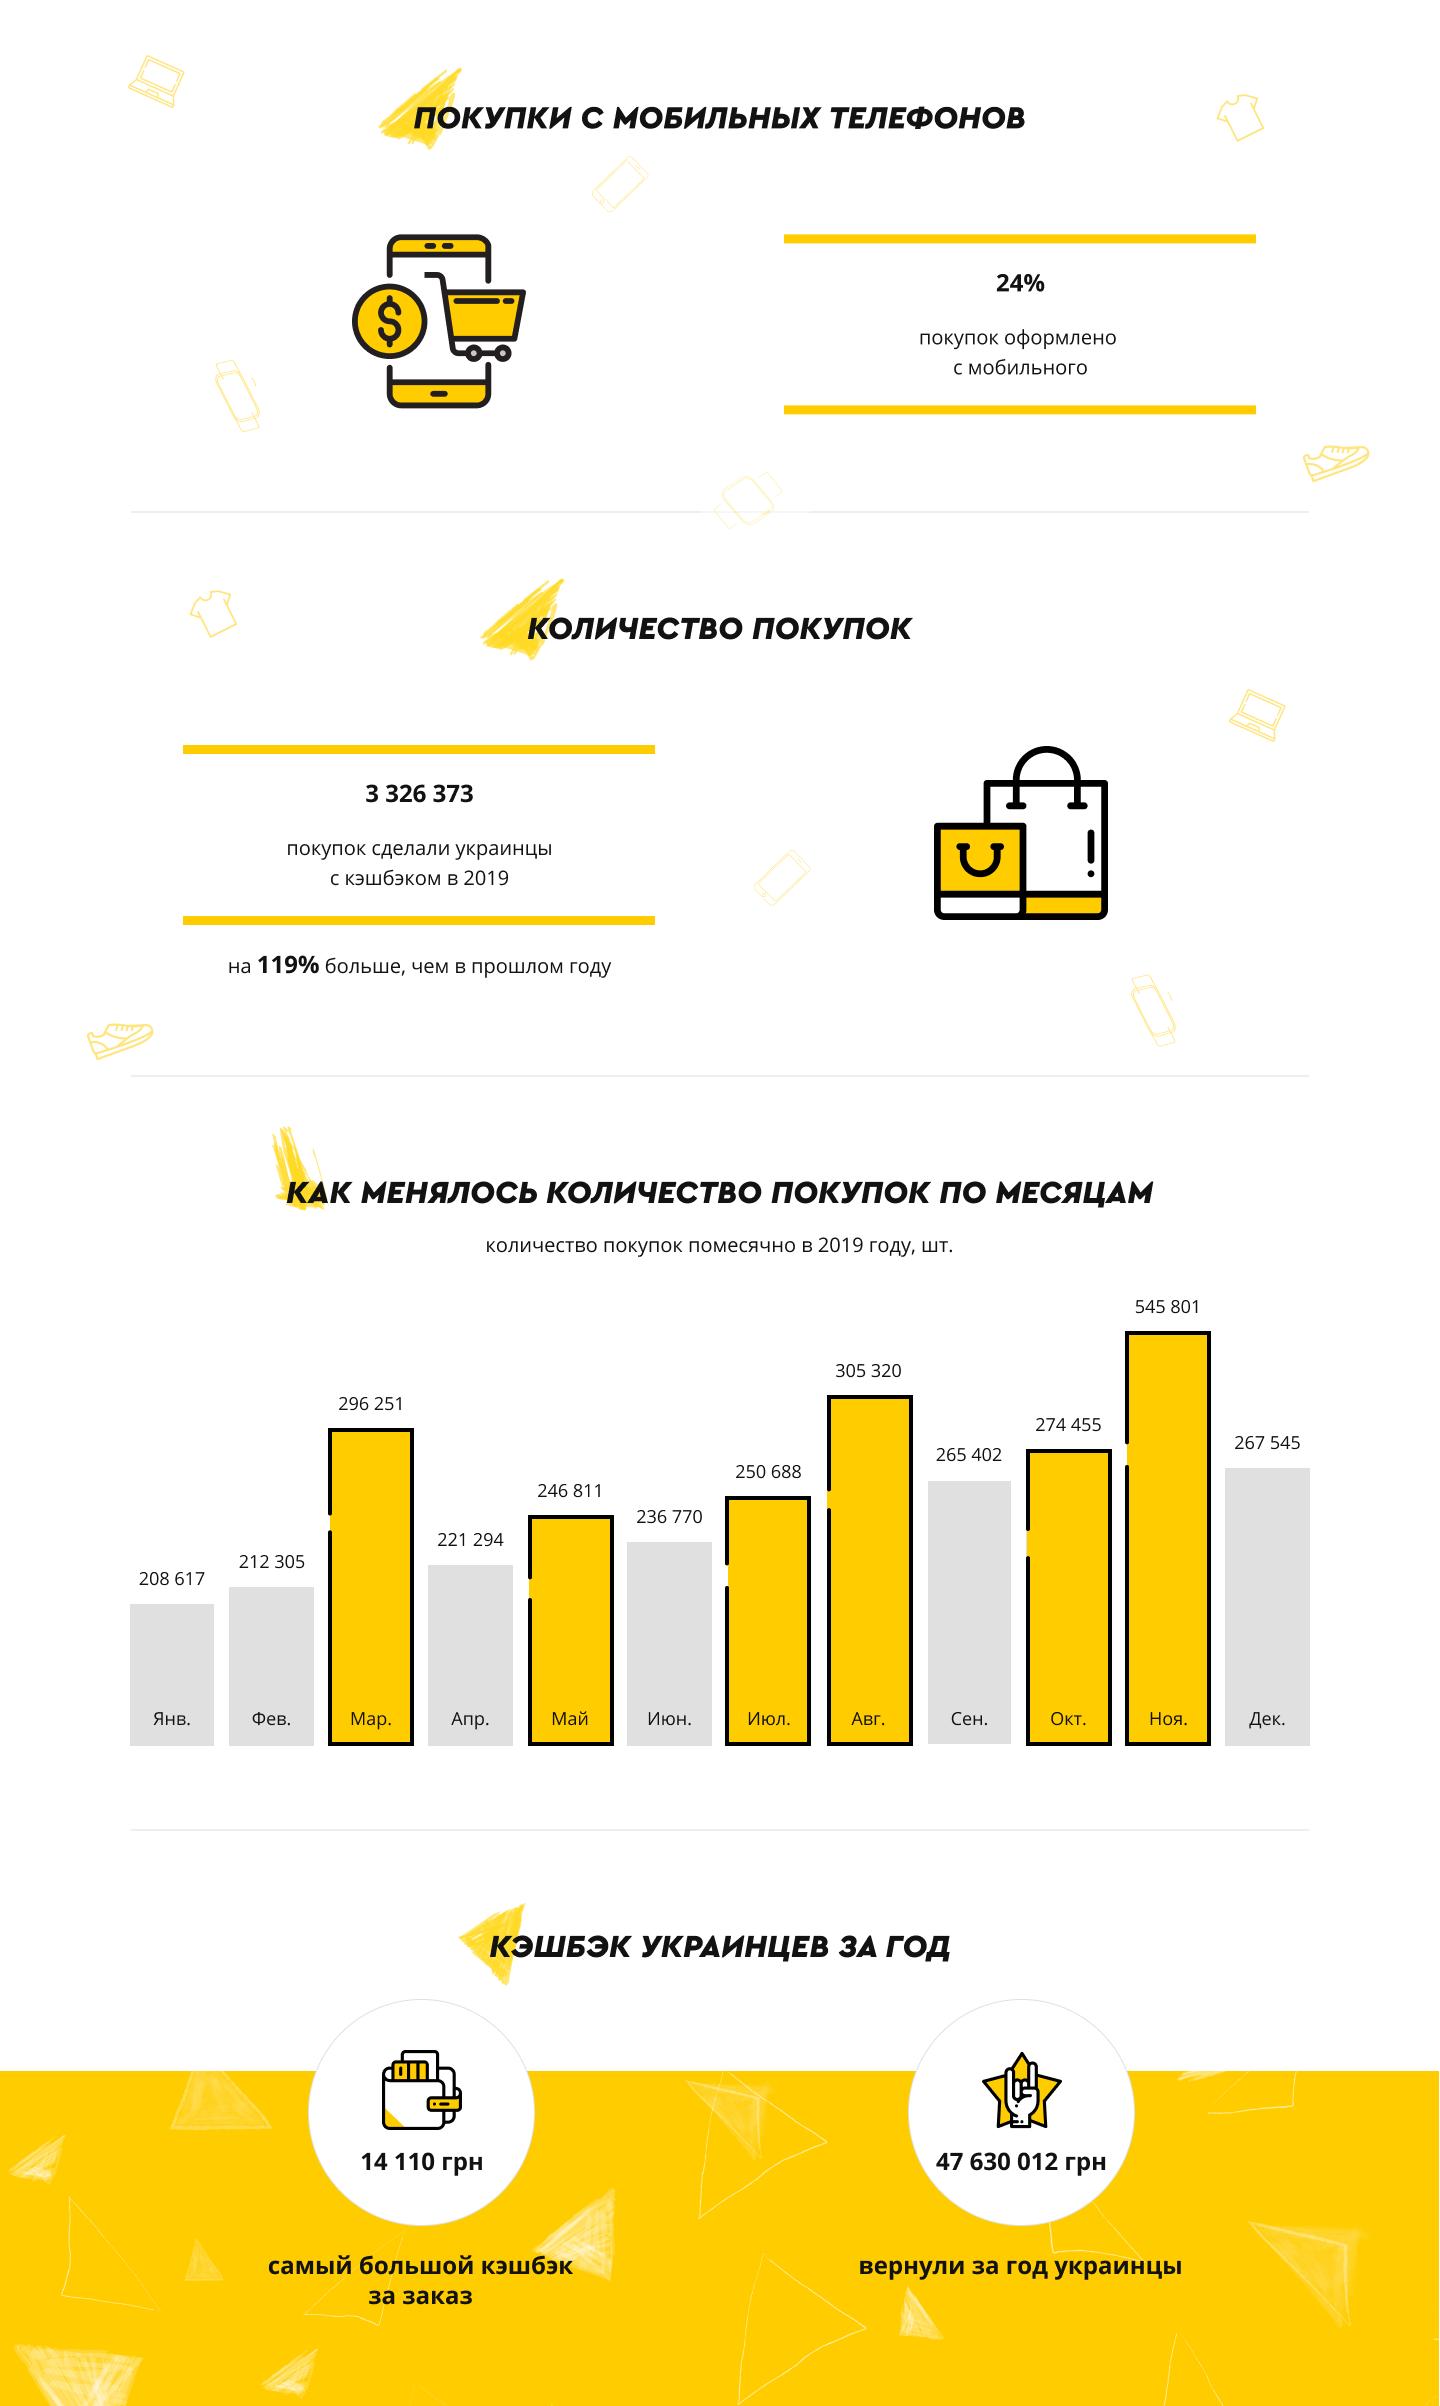 Гель-лаки и Xiaomi: что украинцы покупали в интернете в 2019 году